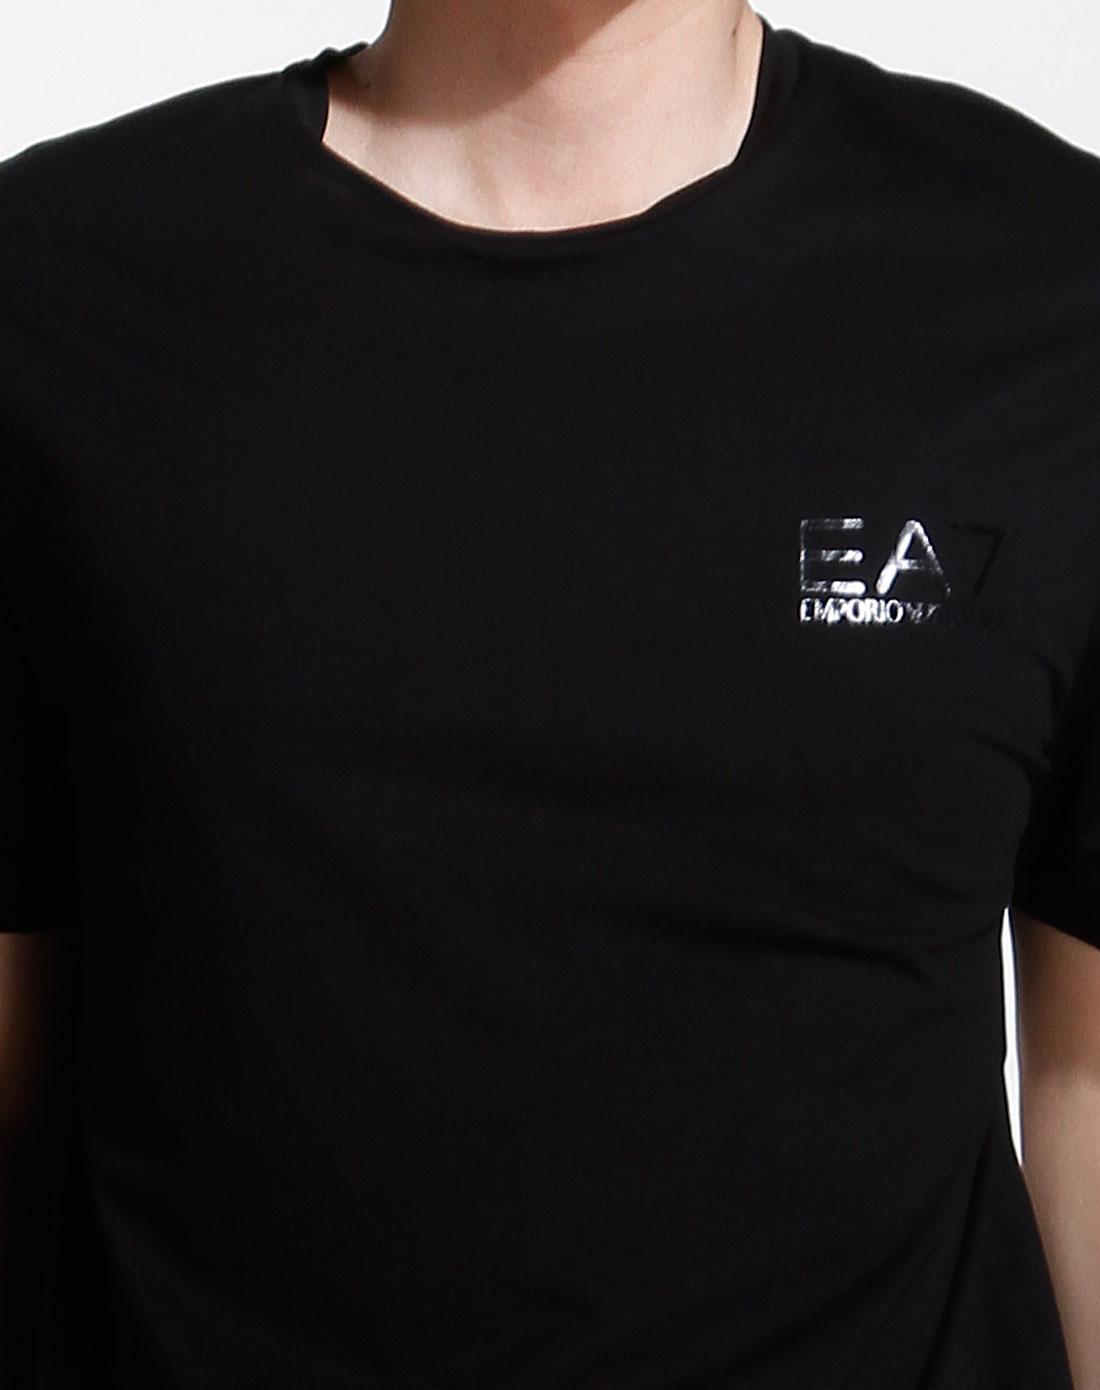 ea7男款黑色圆领简约休闲短袖t恤